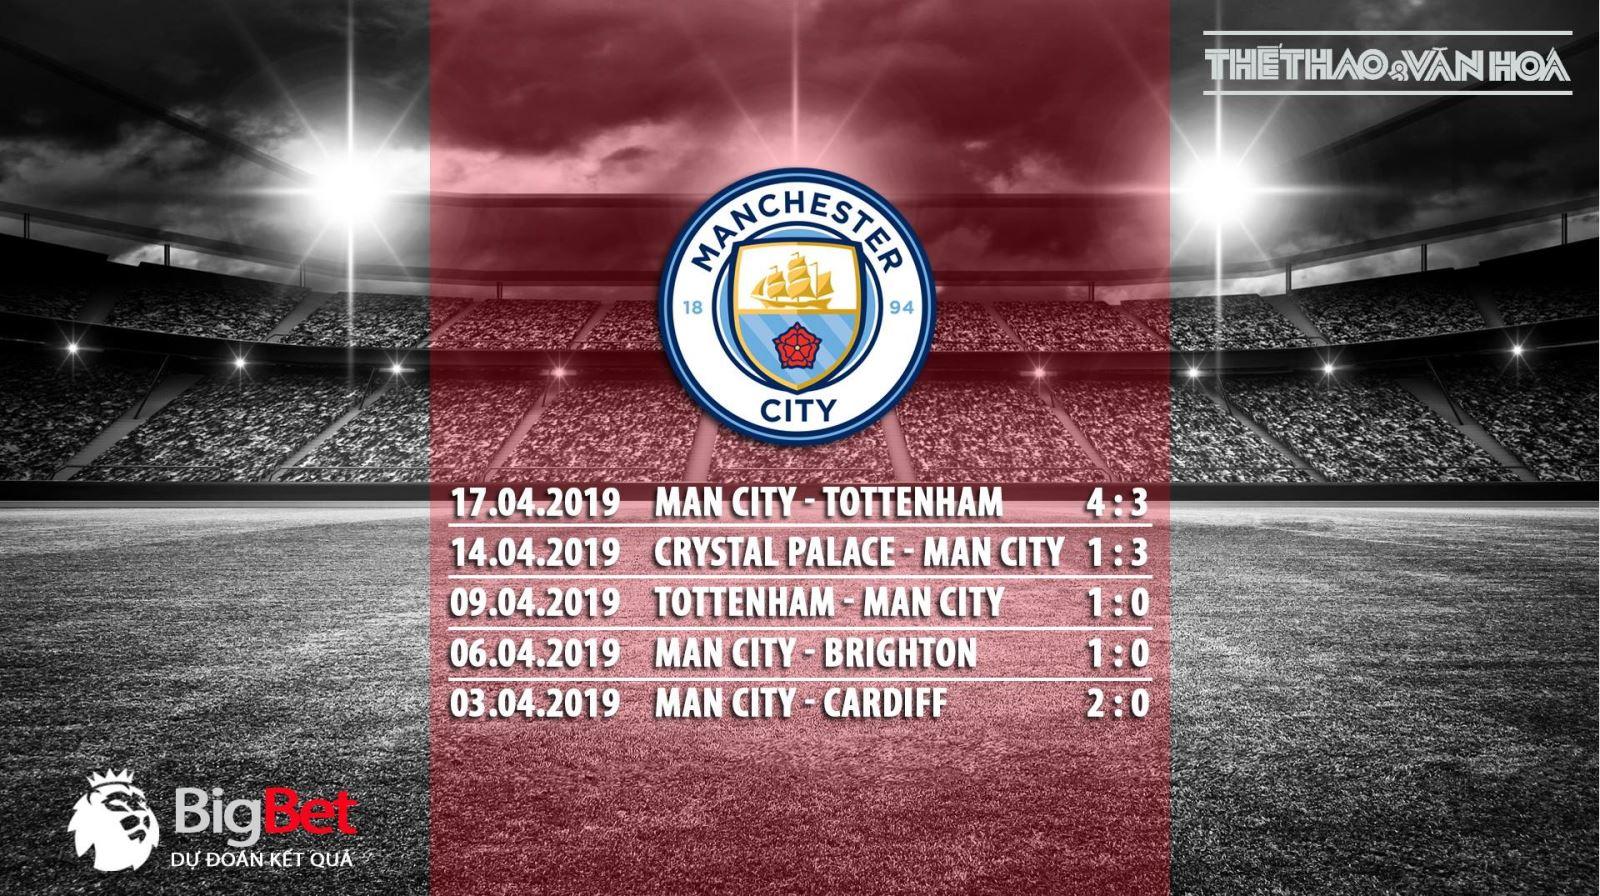 soi kèo Man City vs Tottenham, nhận định Man City vs Tottenham, trực tiếp Man City vs Tottenham, Man City, Tottenham, trực tiếp bóng đá